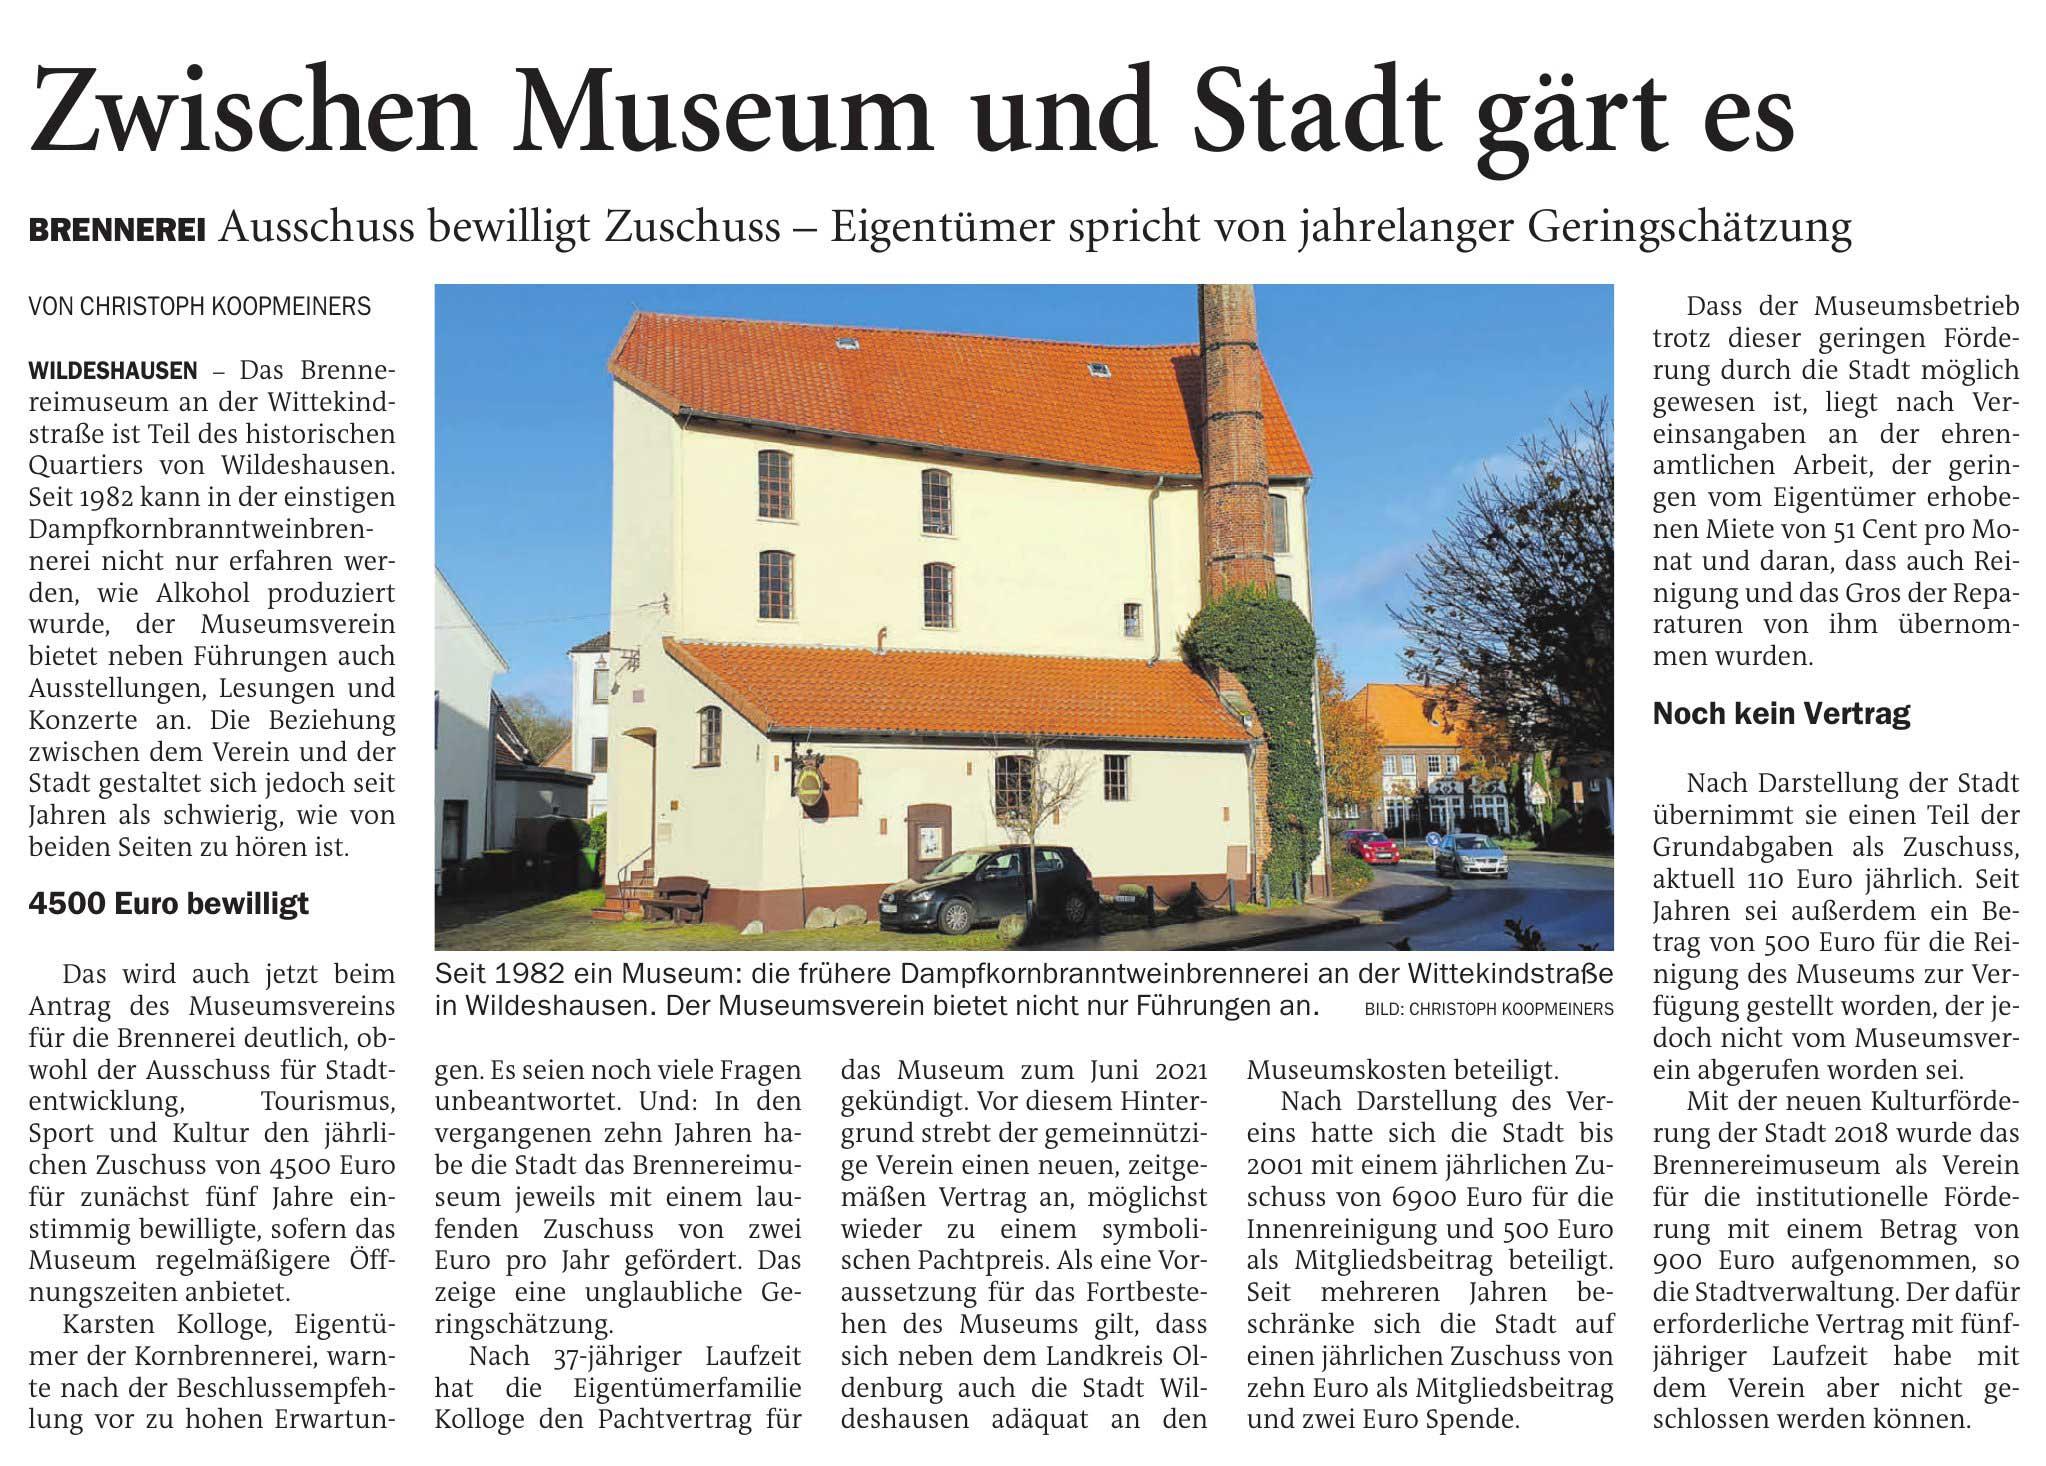 Zwischen Museum und Stadt gärt esBrennerei: Ausschuss bewilligt Zuschuss - Eigentümer spricht von jahrelanger GeringschätzungArtikel vom 23.11.2020 (NWZ)